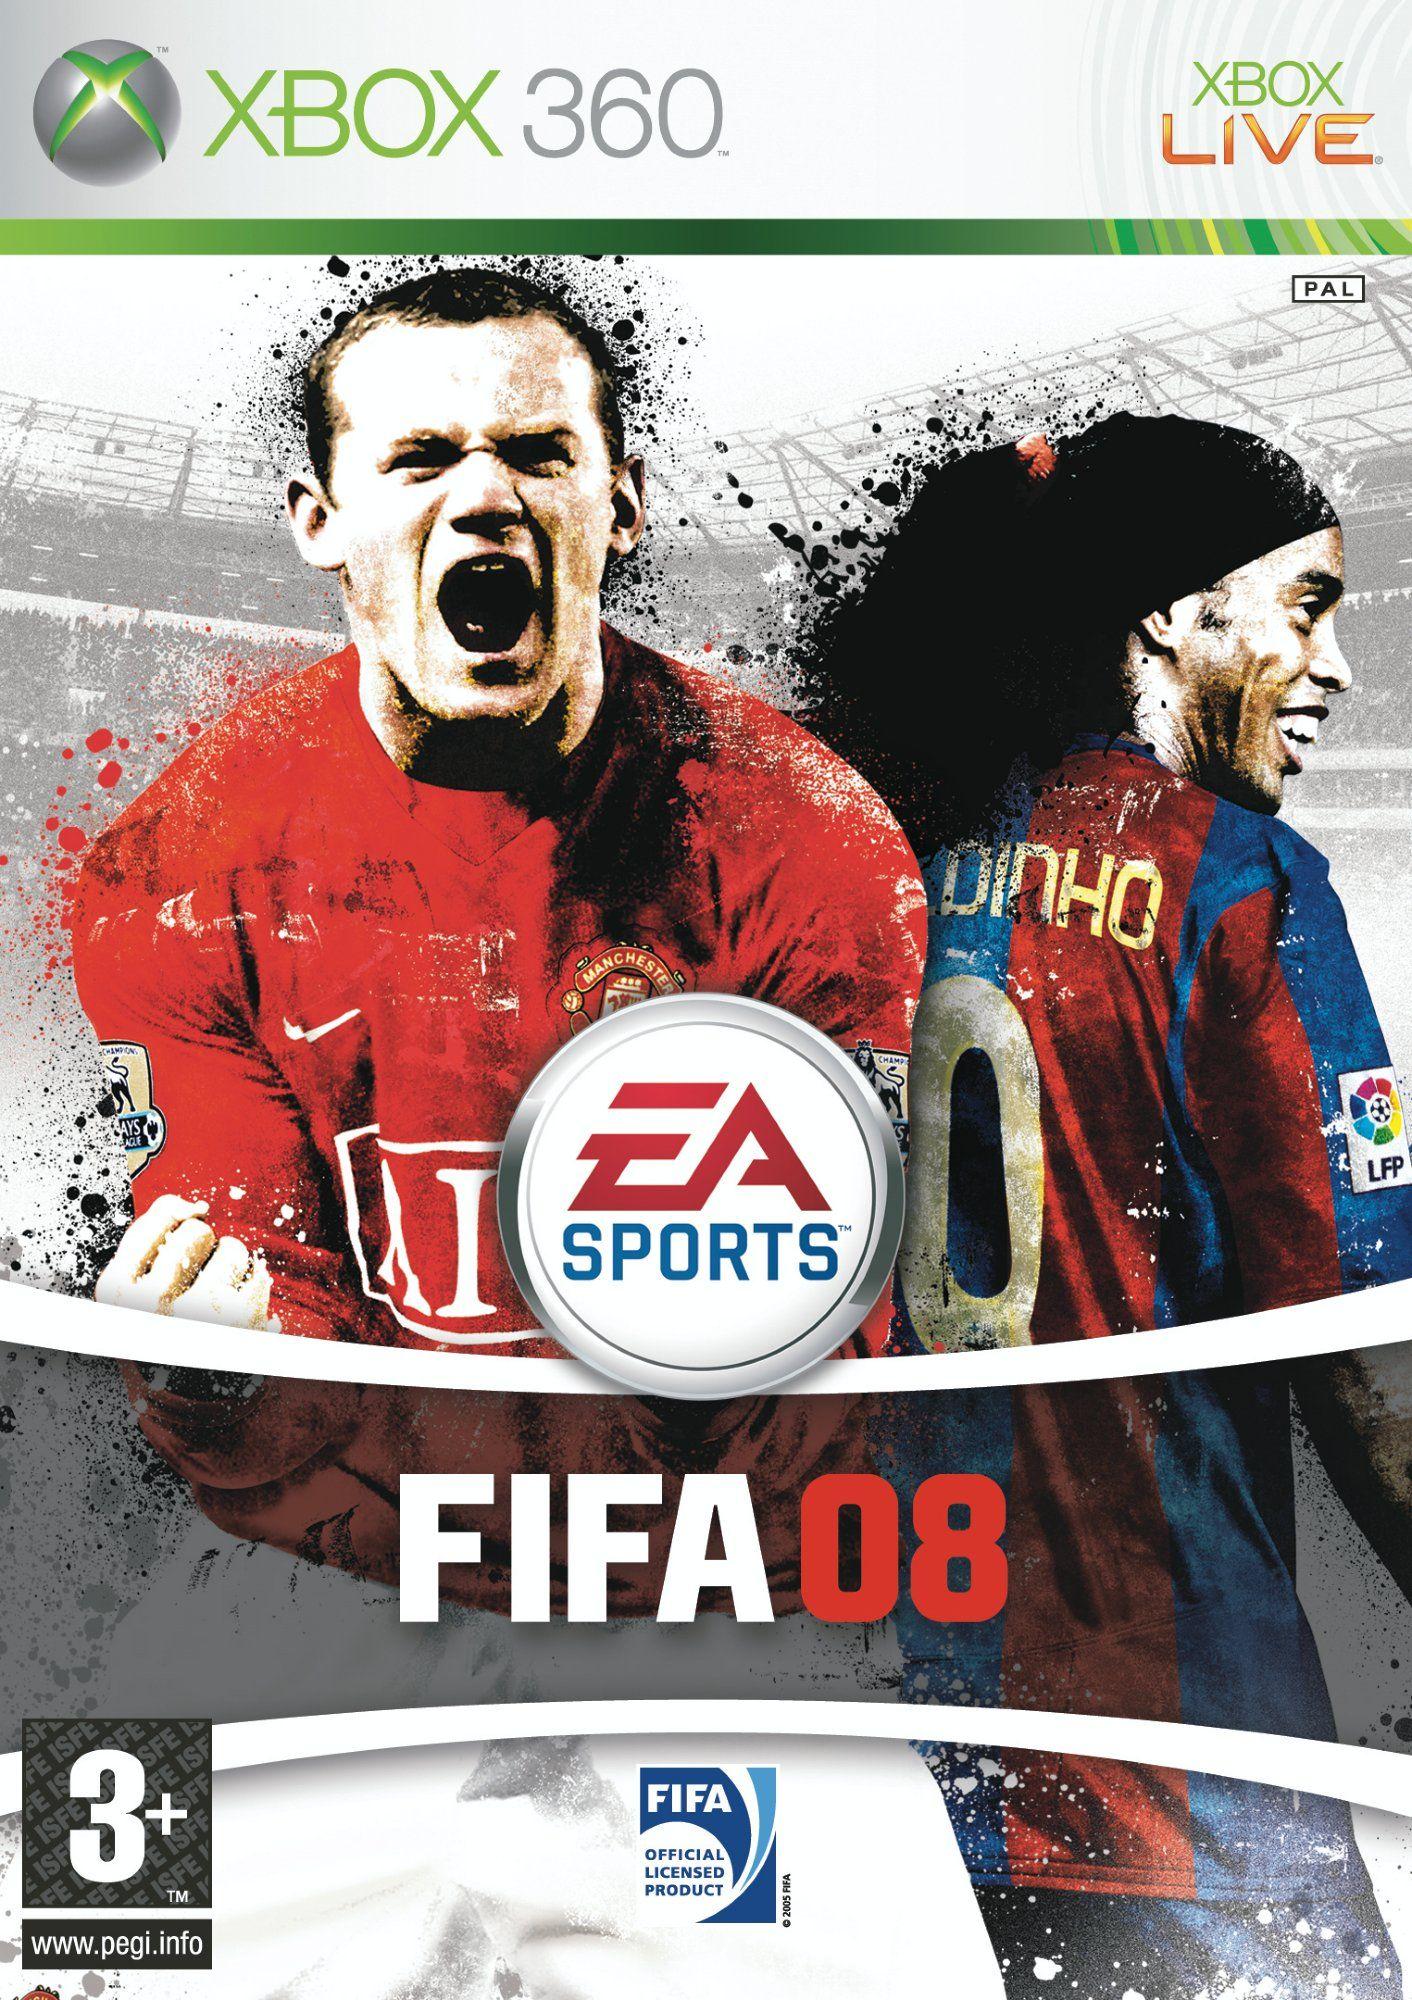 Fifa 08 2007 Fifa Temporada De Fútbol Descargar Fifa